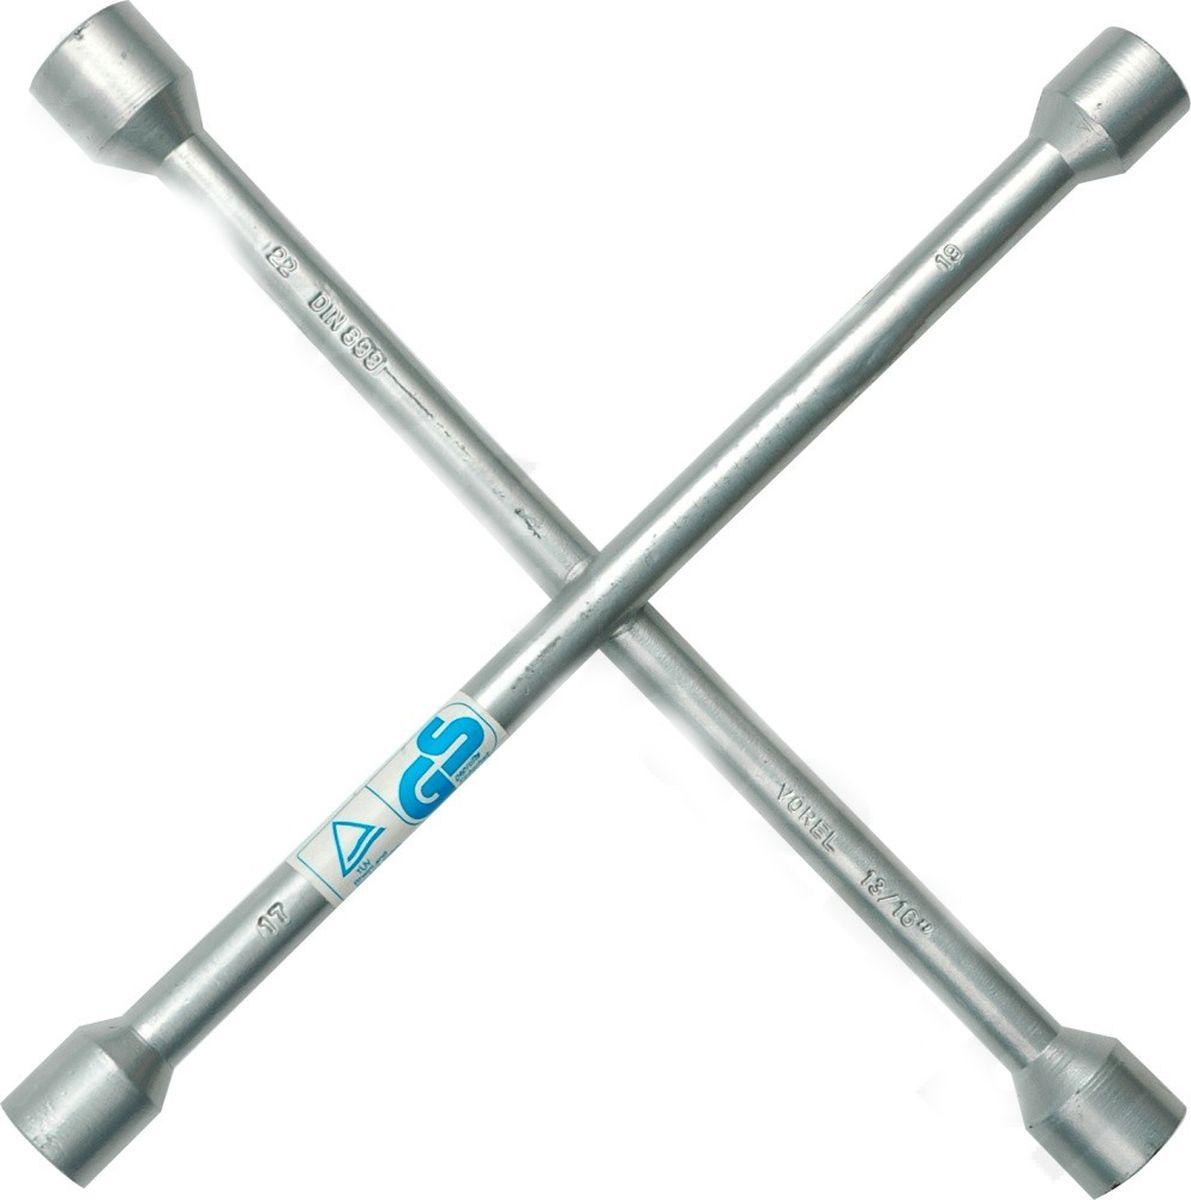 Ключ балонный Vorel, крестовой,  17 x 19 x 22 x 13/16 ключ торцевой vorel l типа 6 мм